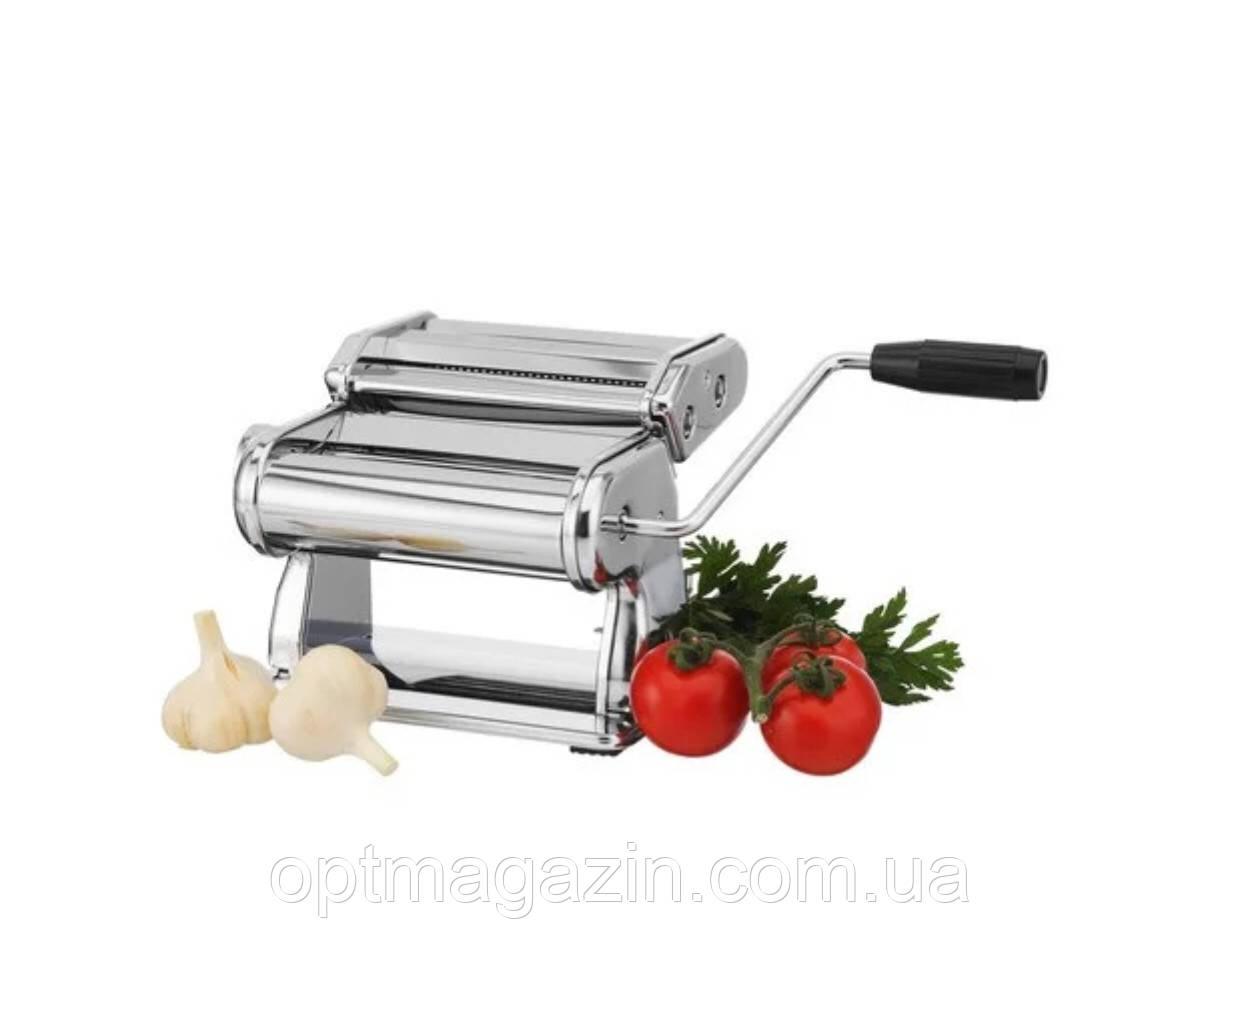 Лапшерезка 150 мм. - машинка для изготовления макарон